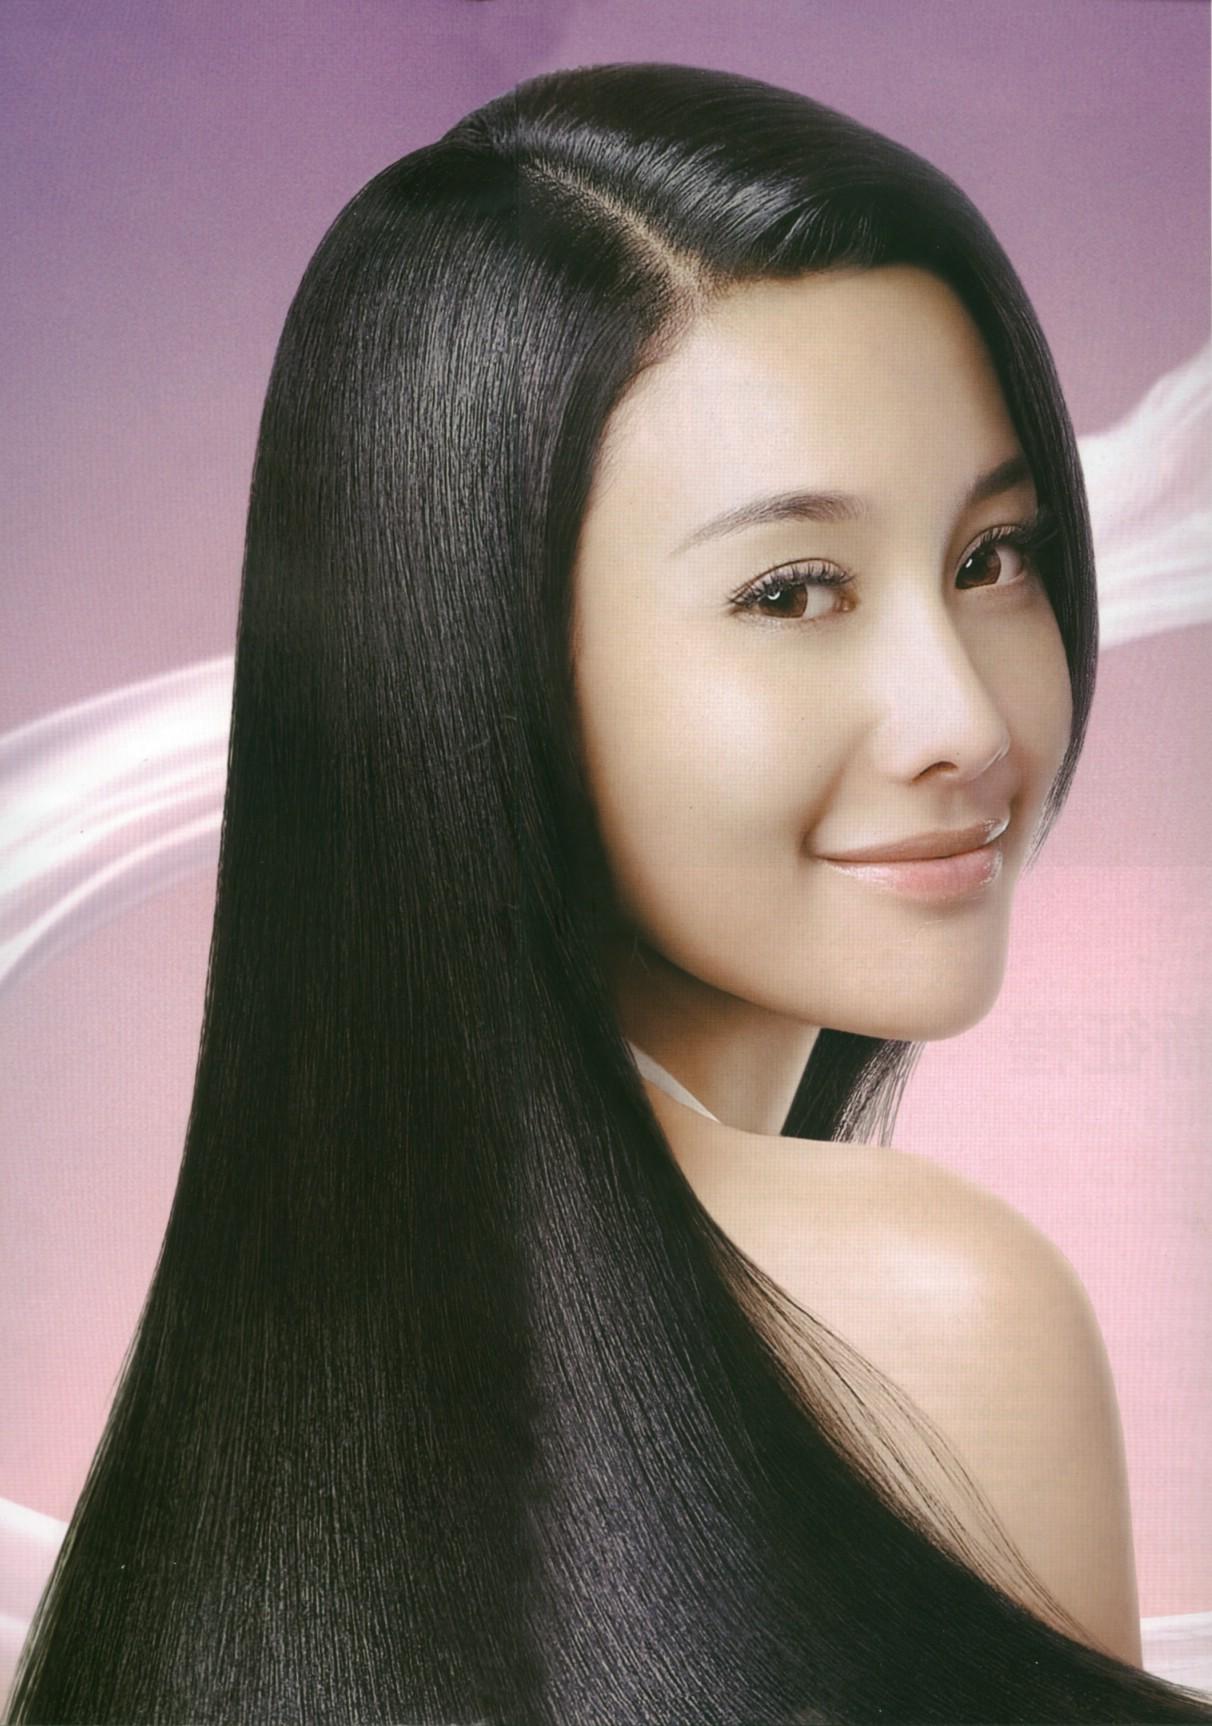 谁有舒蕾新蚕丝柔滑洗发露那个美女模特的平面广告啊